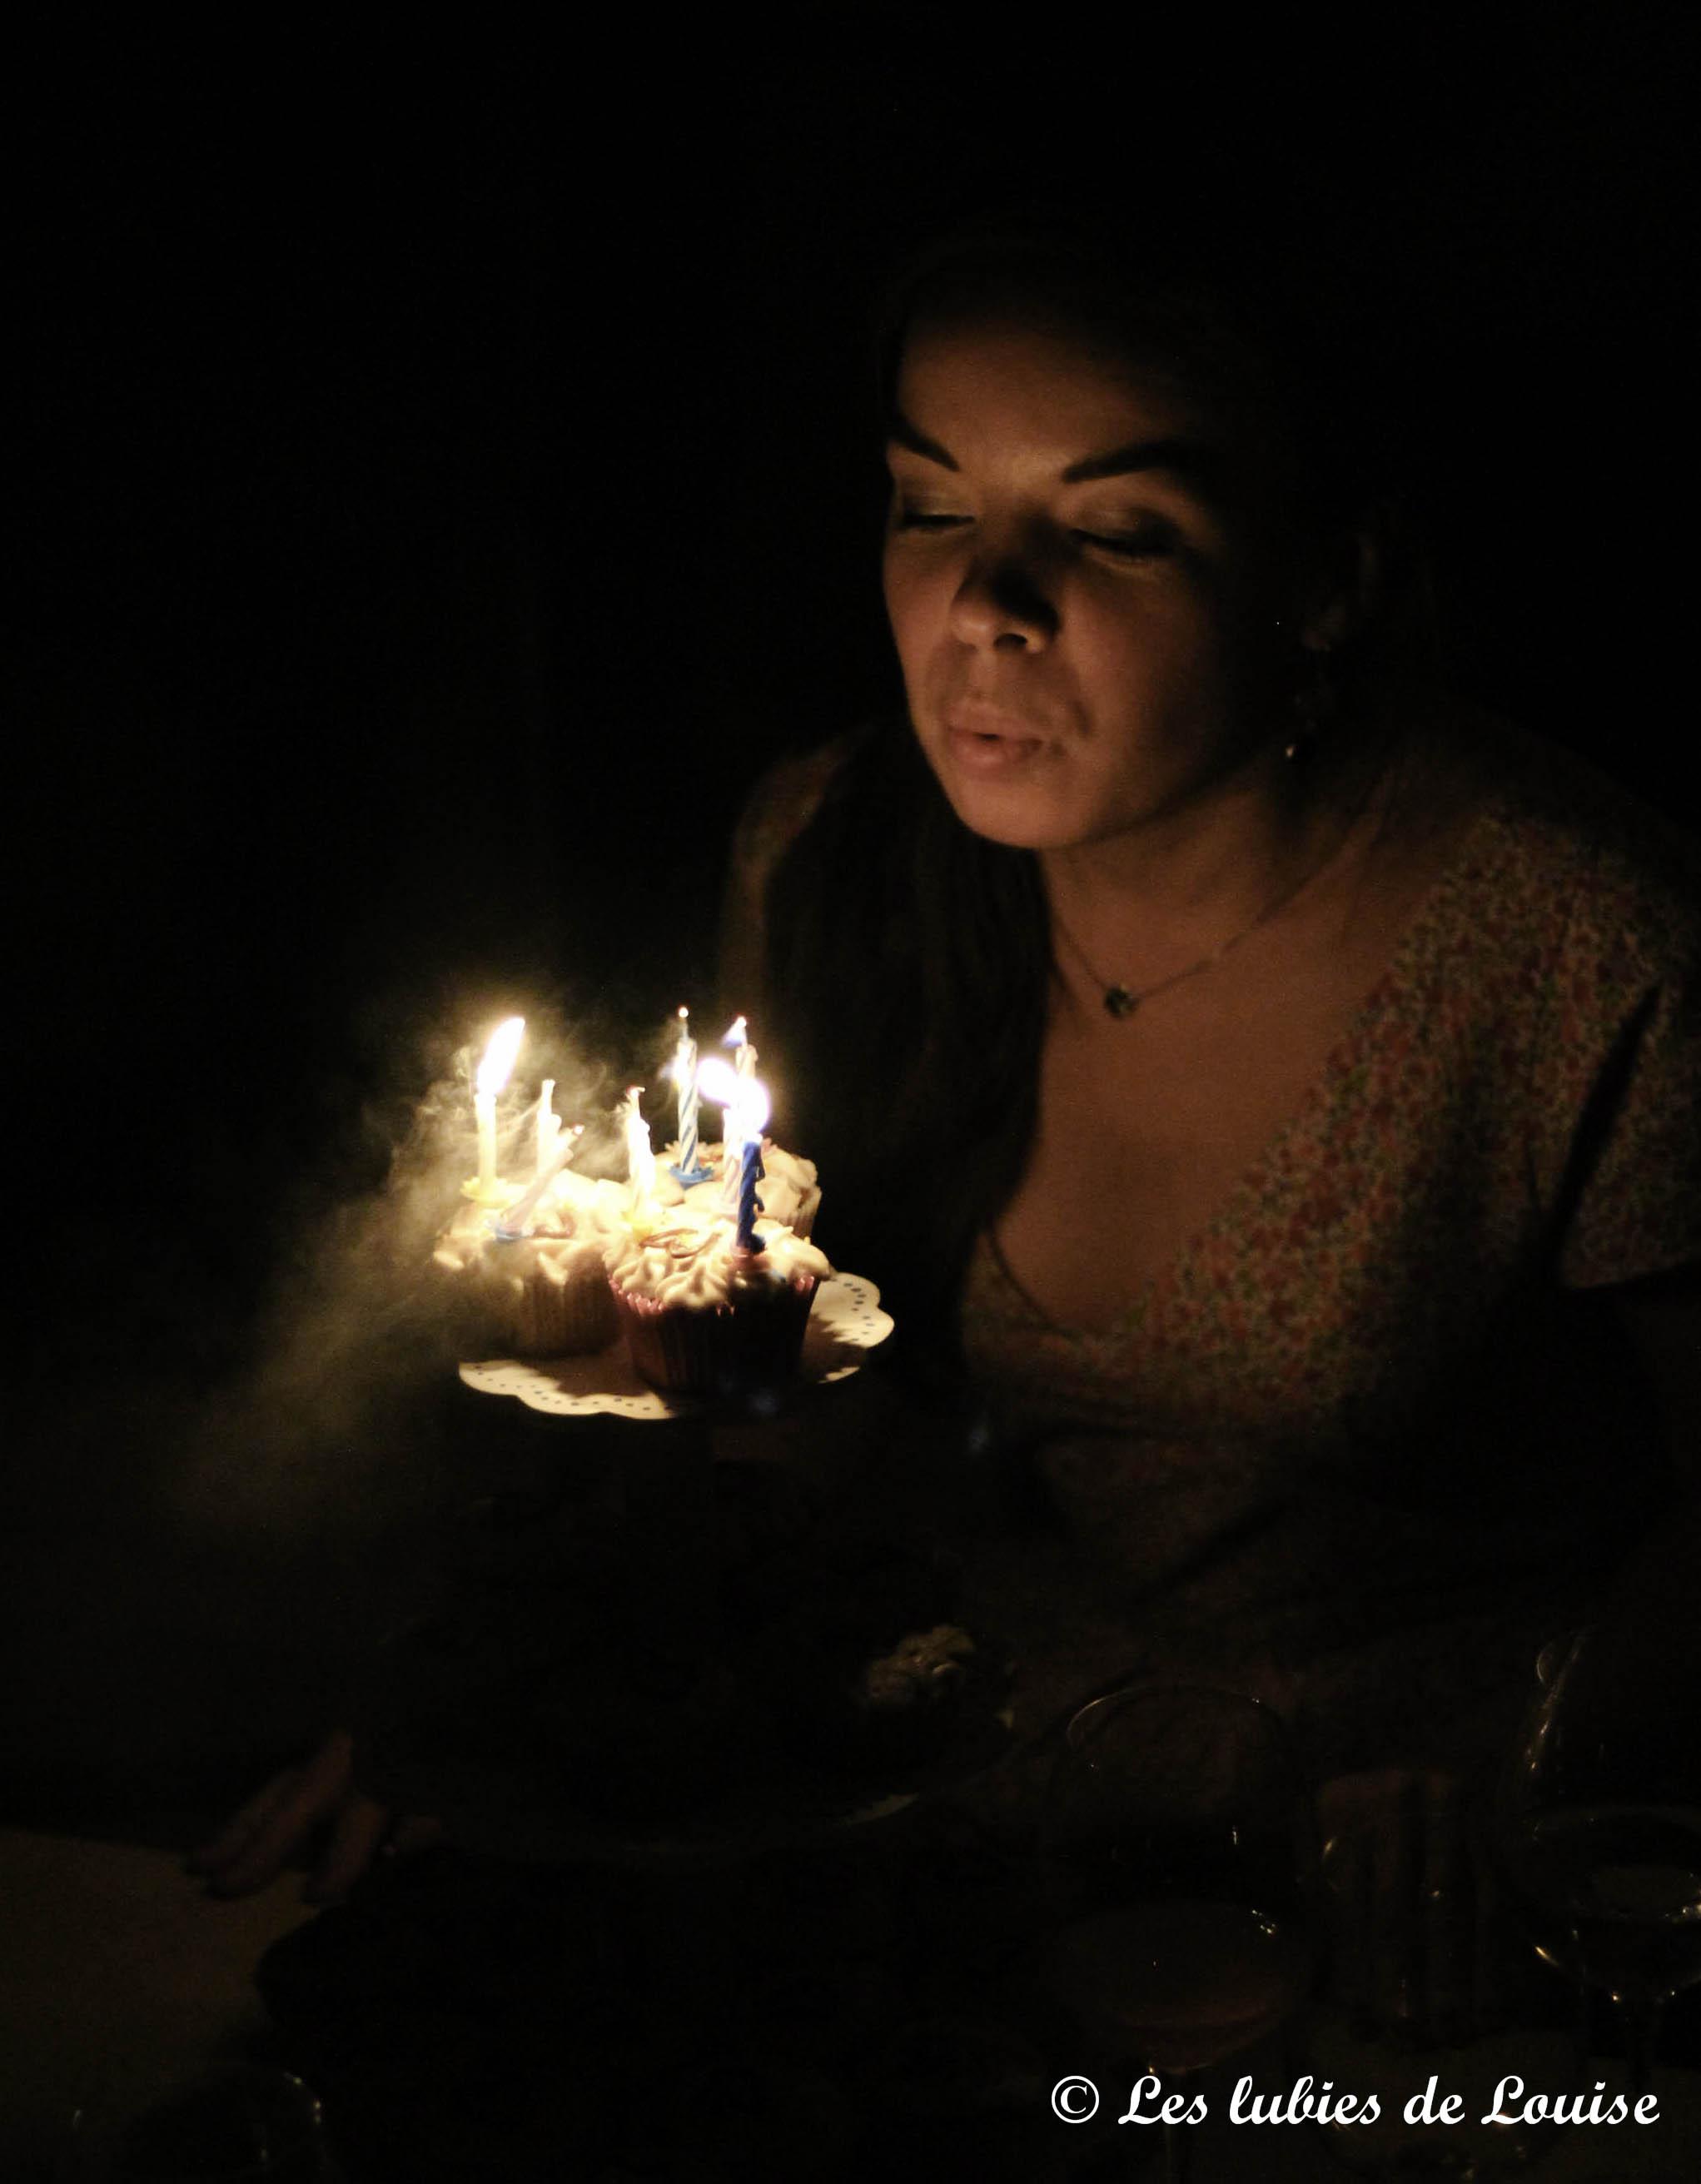 Anniversaire 26 ans louise - Les lubies de Louise (1 sur 1)